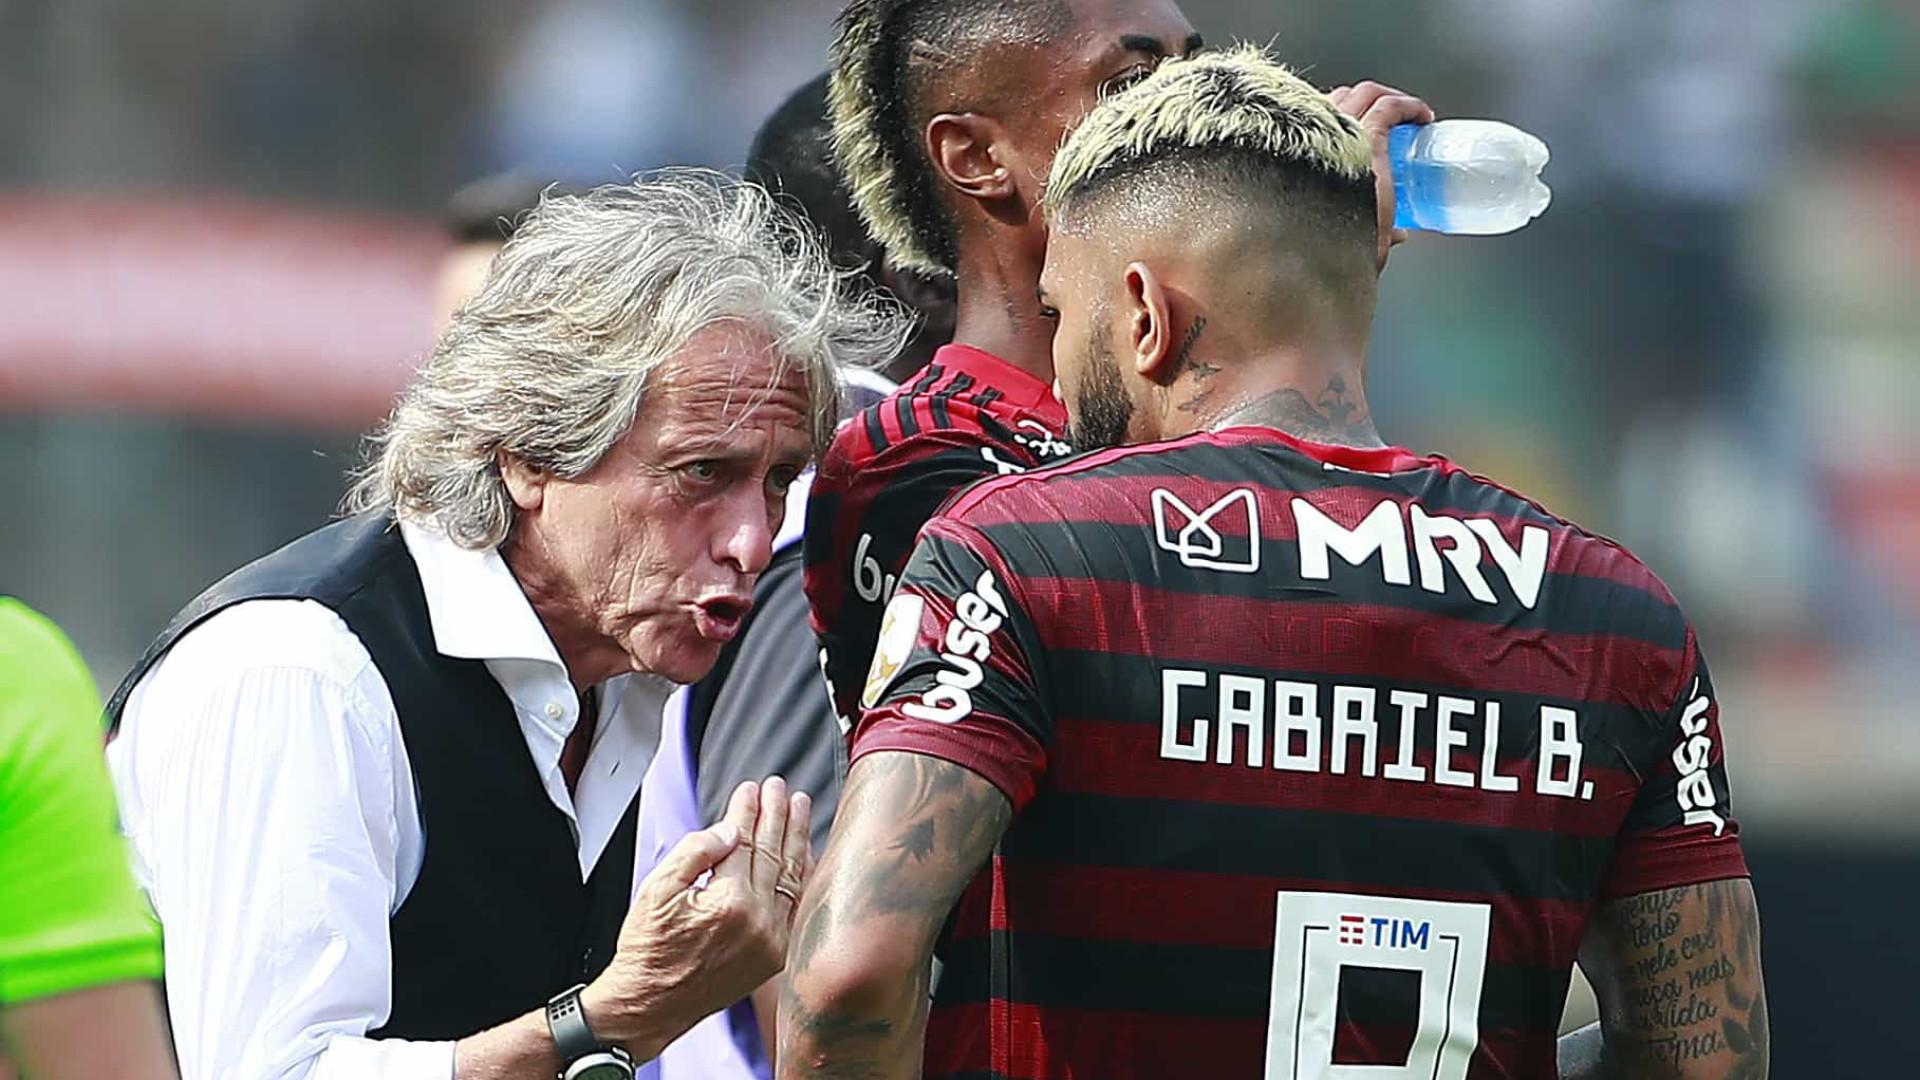 Campeão Flamengo Joga Por Recordes No Brasileirão De Olho